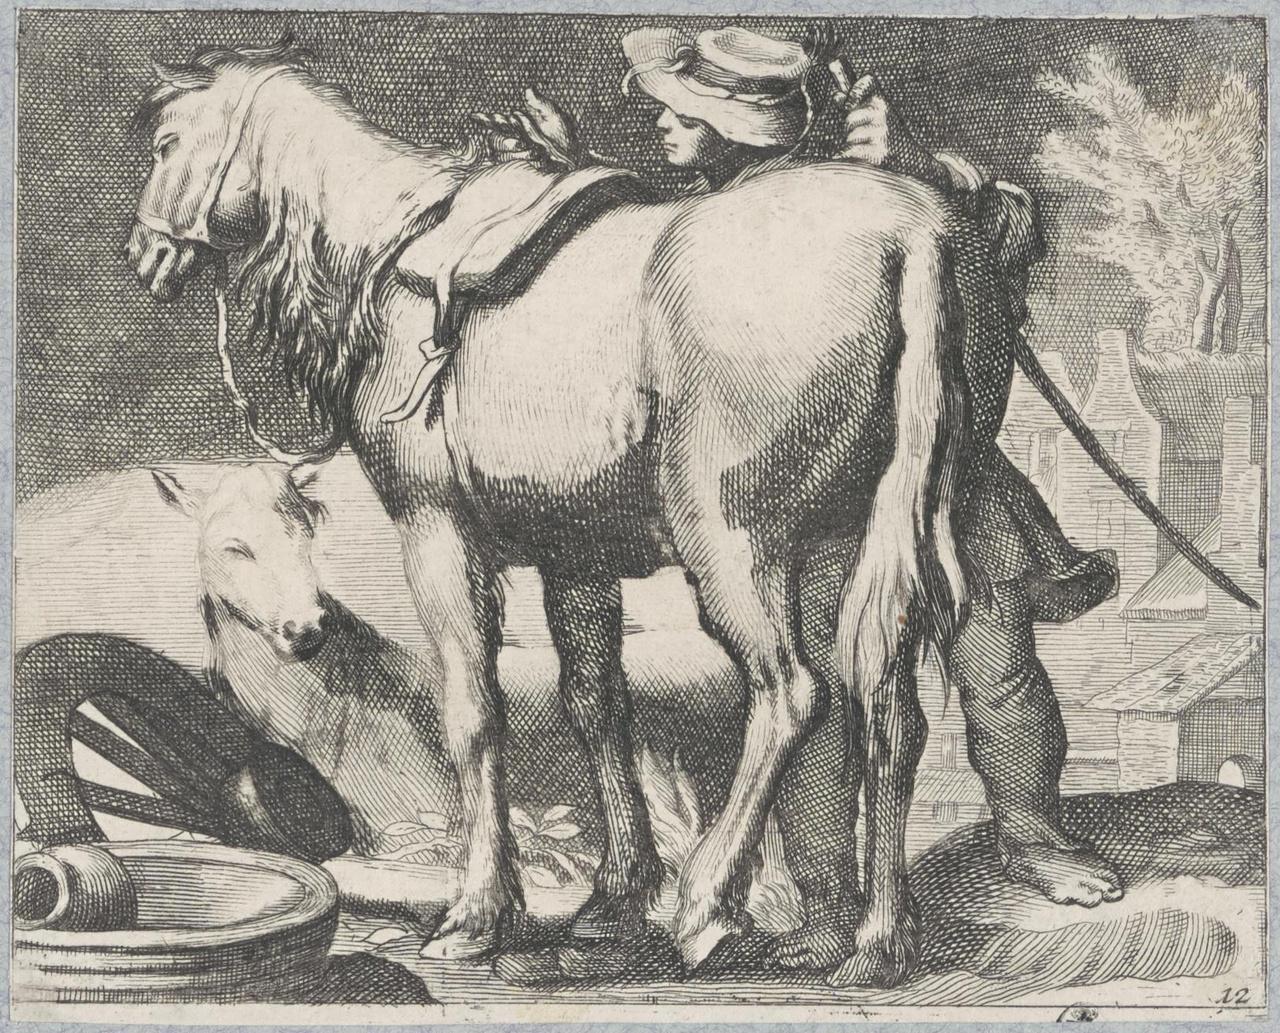 Ruiter en paard in landschap